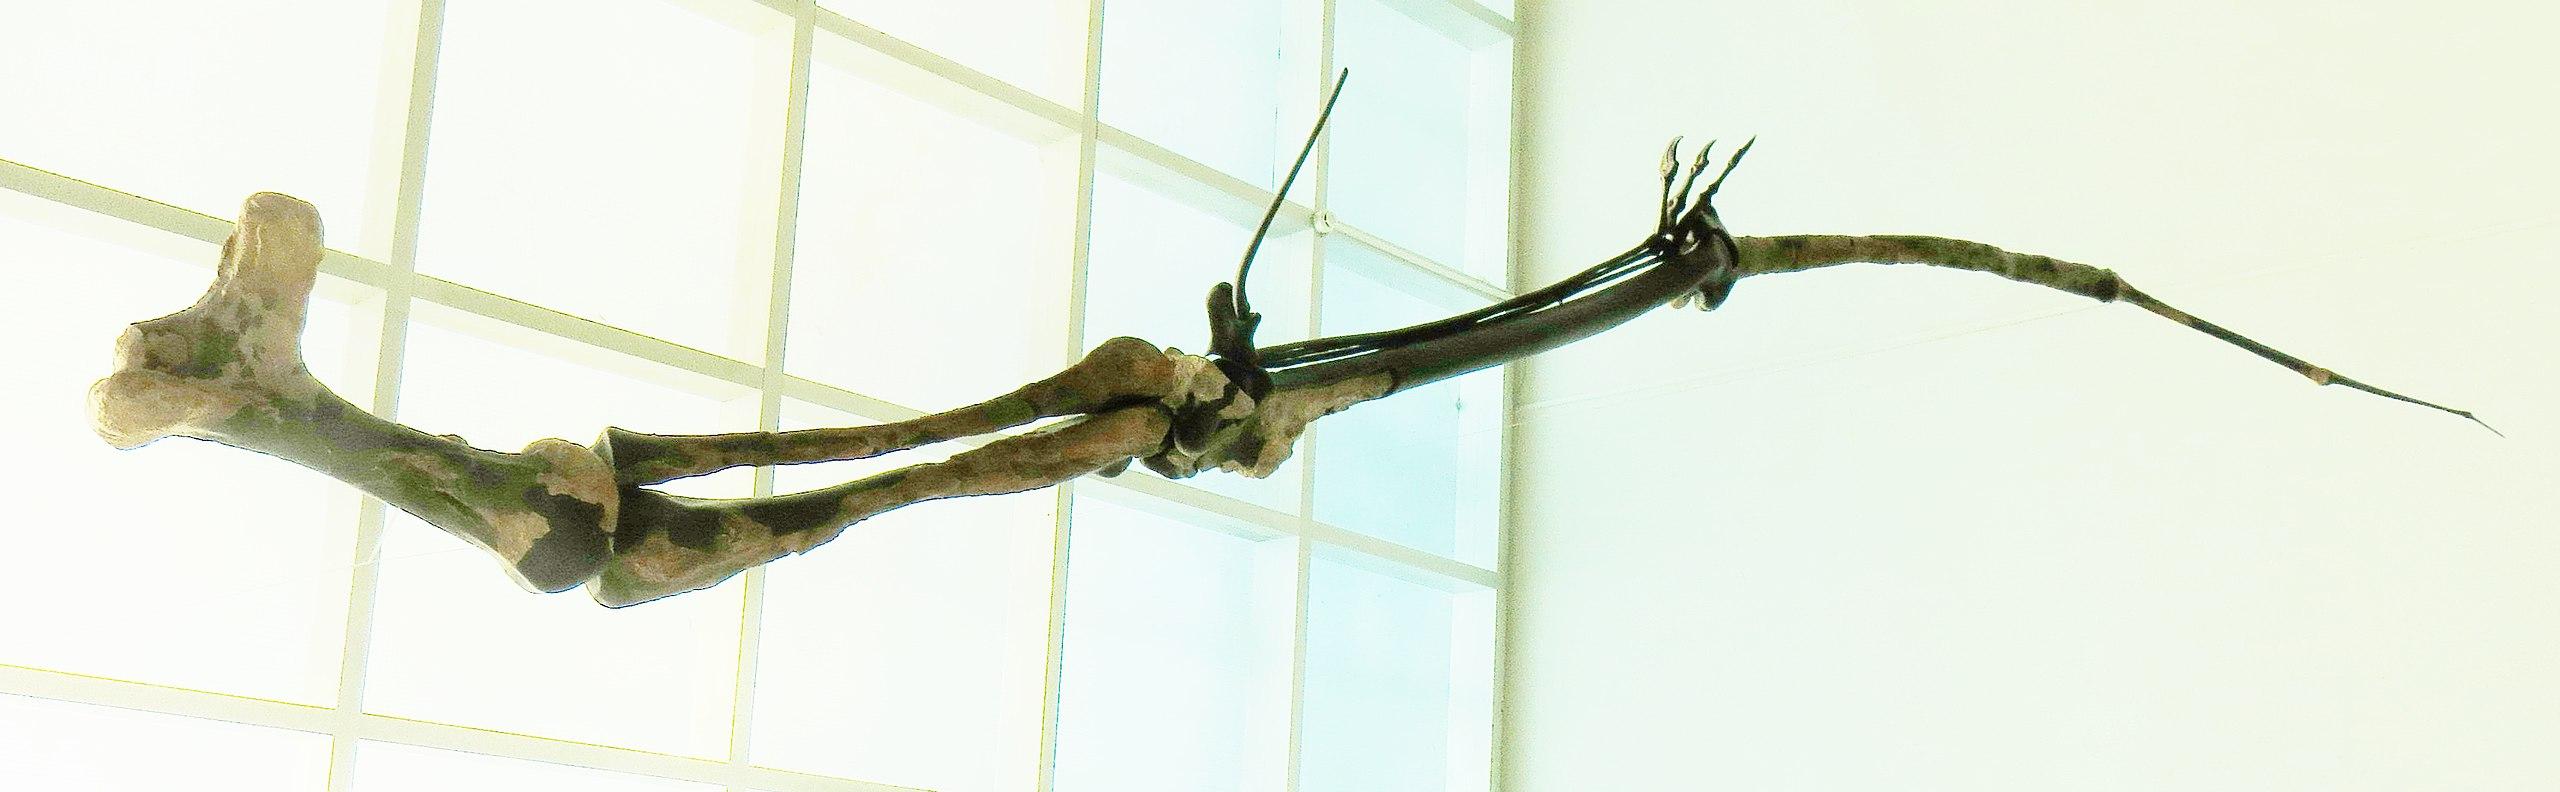 Na poměry létajících tvorů jsou azdarchidní ptakoještěři skutečnými giganty. Každé z křídel největších zástupců této skupiny mohlo mít v průměru i přes pět metrů. Přesto byli tito aktivně létající plazi na svoji velikost velmi lehcí, protože relativn